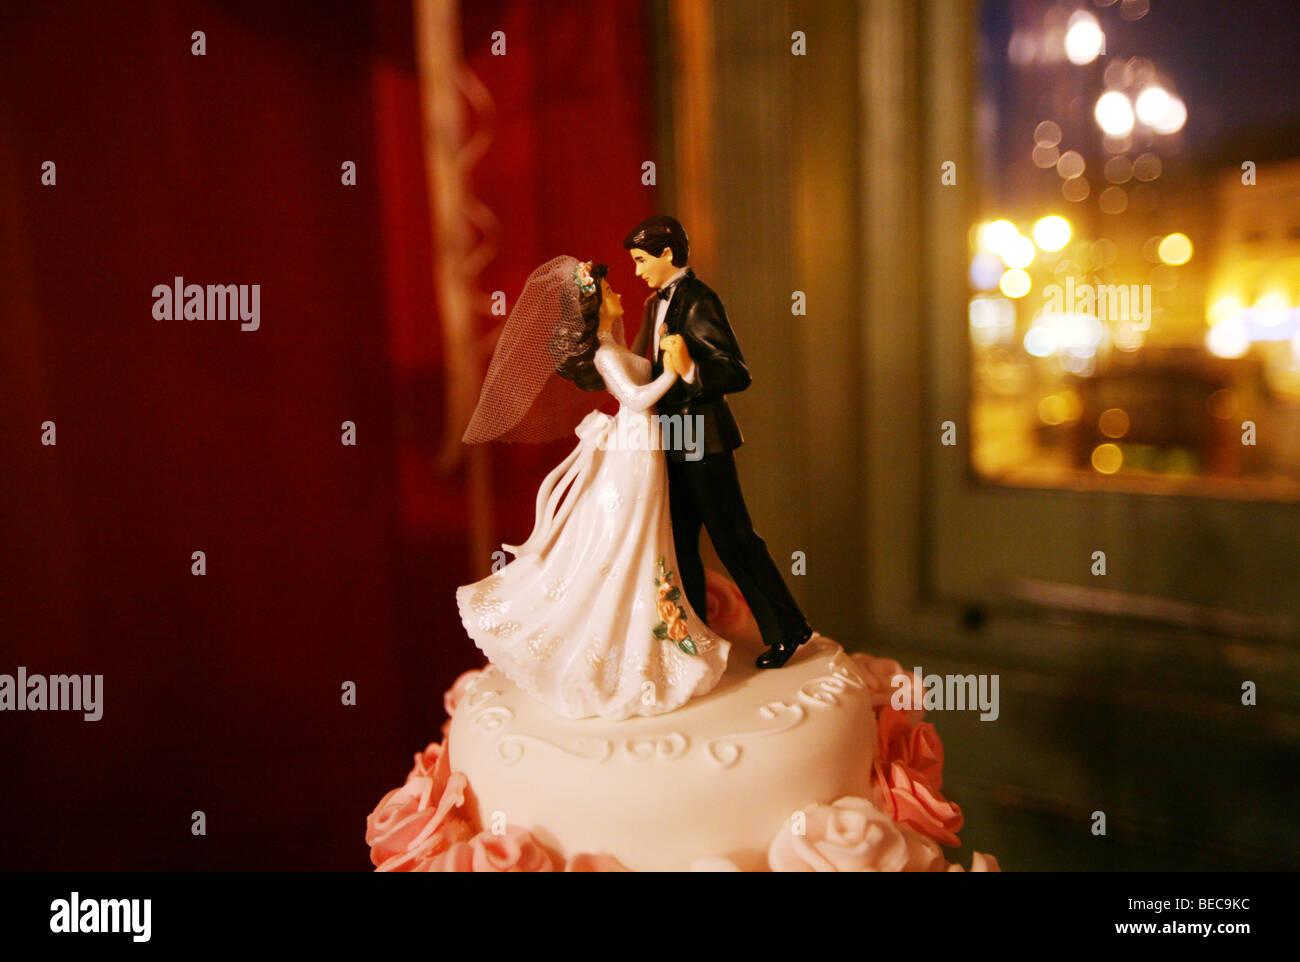 Figuren Der Braut Und Brautigam Schmucken Eine Hochzeitstorte Bei